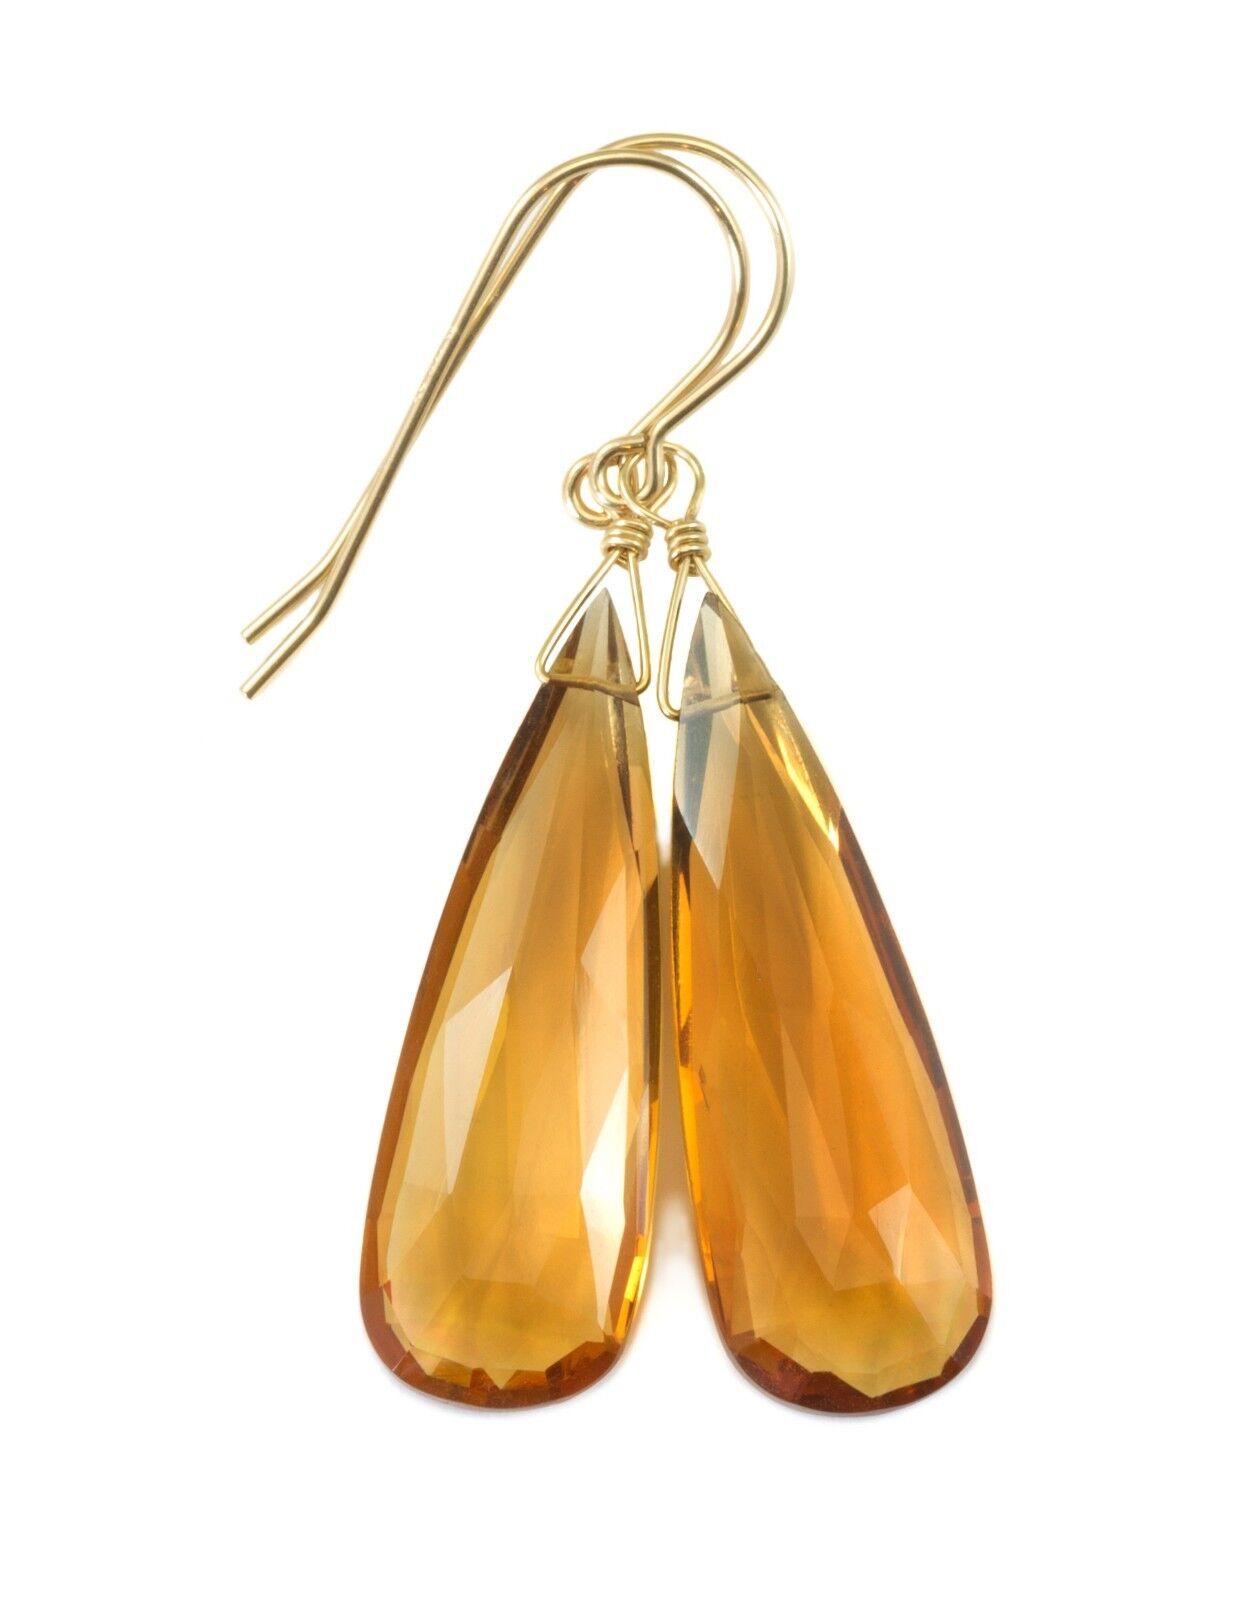 Citrine Earrings Yellow Long Sim Madeira Teardrops Dangles 14k gold Sterling